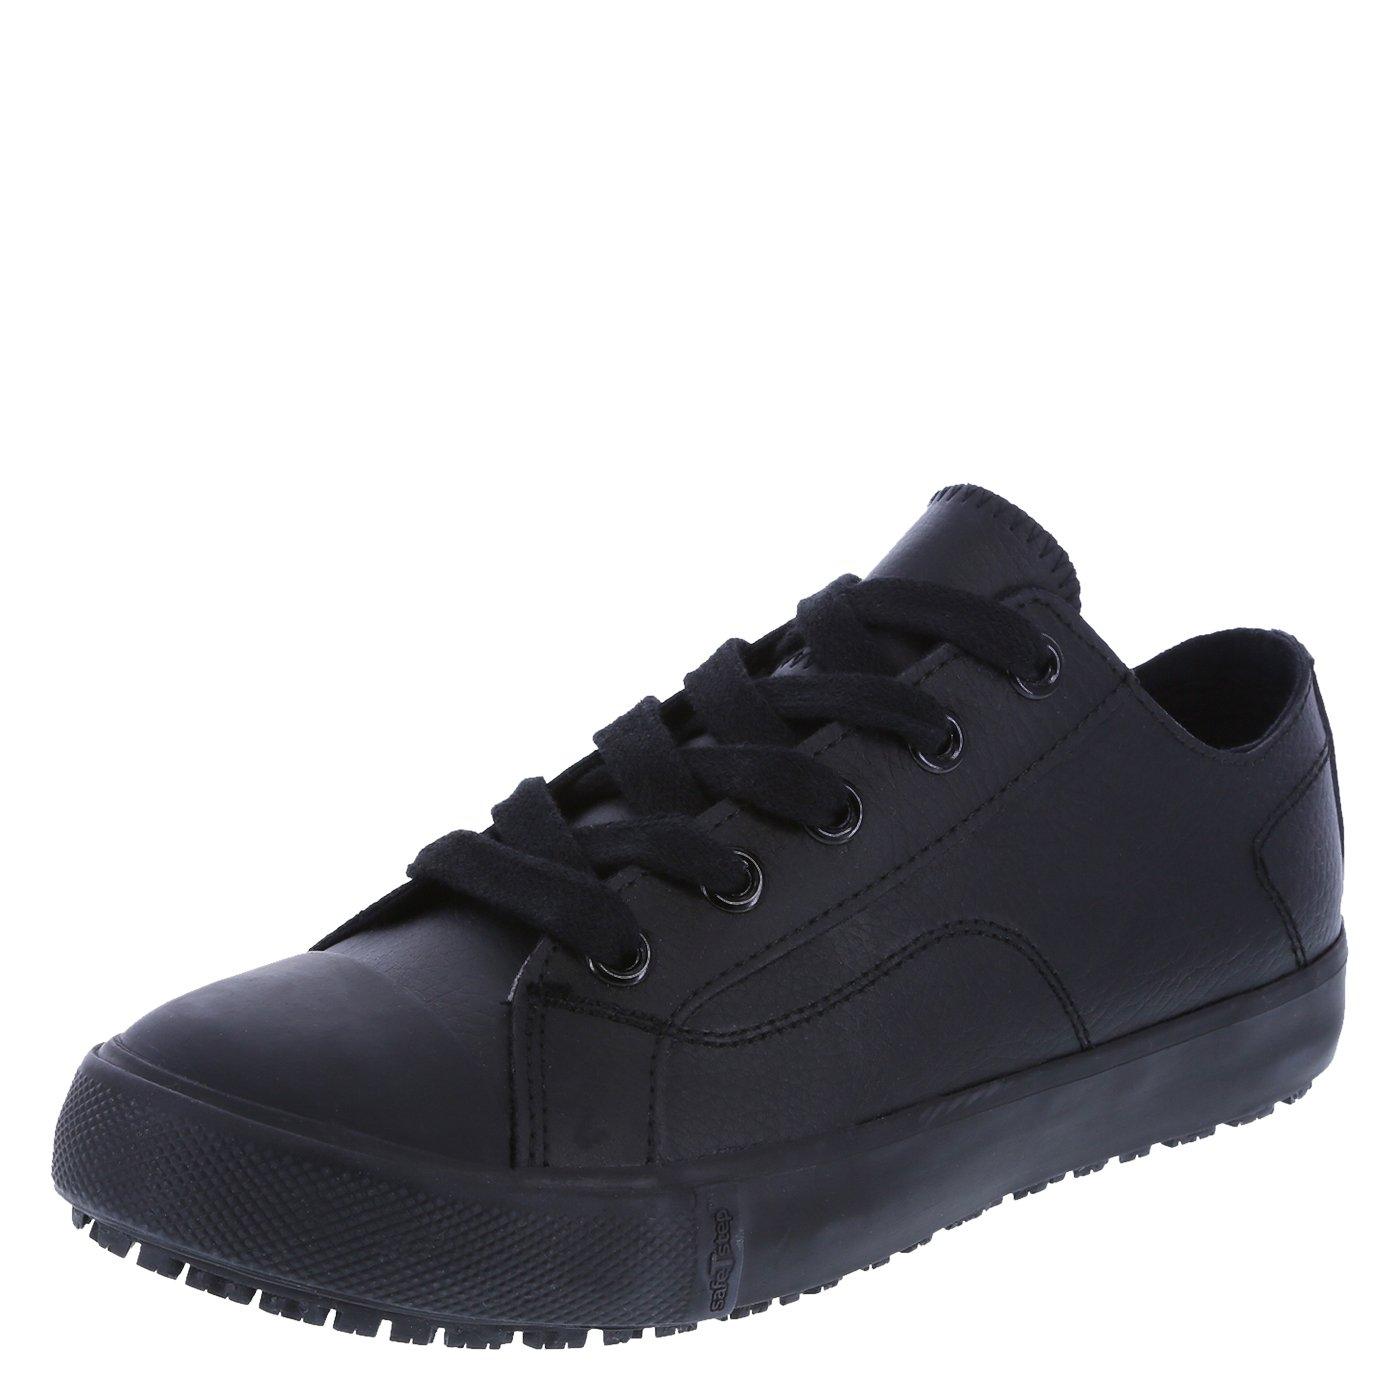 safeTstep Slip Resistant Women's Black Leather Women's Kick 5 Regular